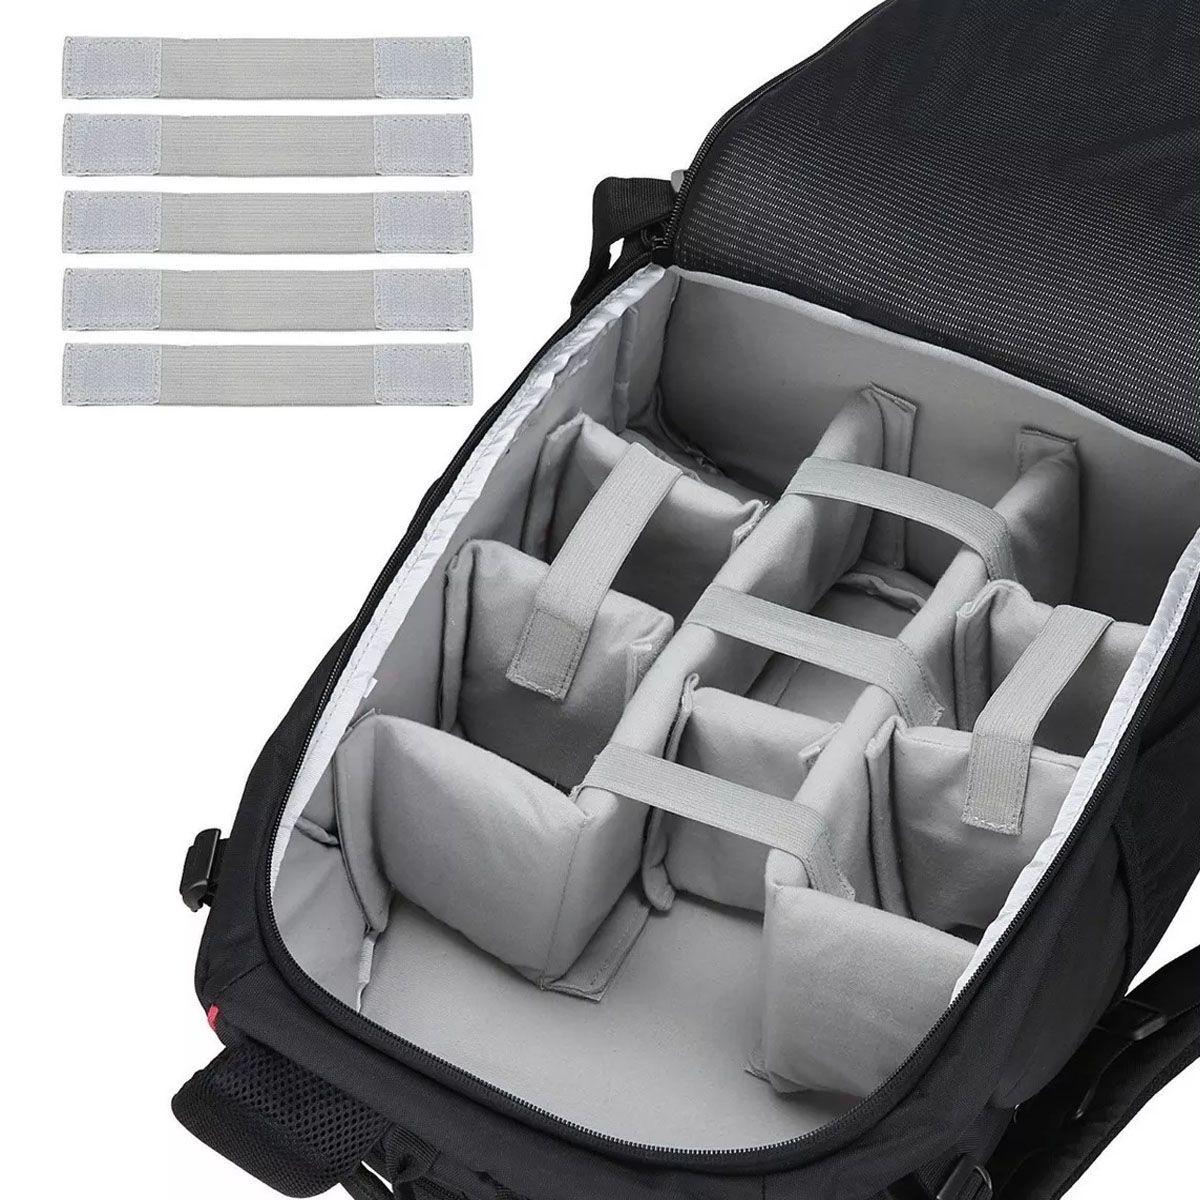 Mochila DSLR Filmadora Tablet - Ortex K7 com Kit de Limpeza EC05  - Diafilme Materiais Fotográficos